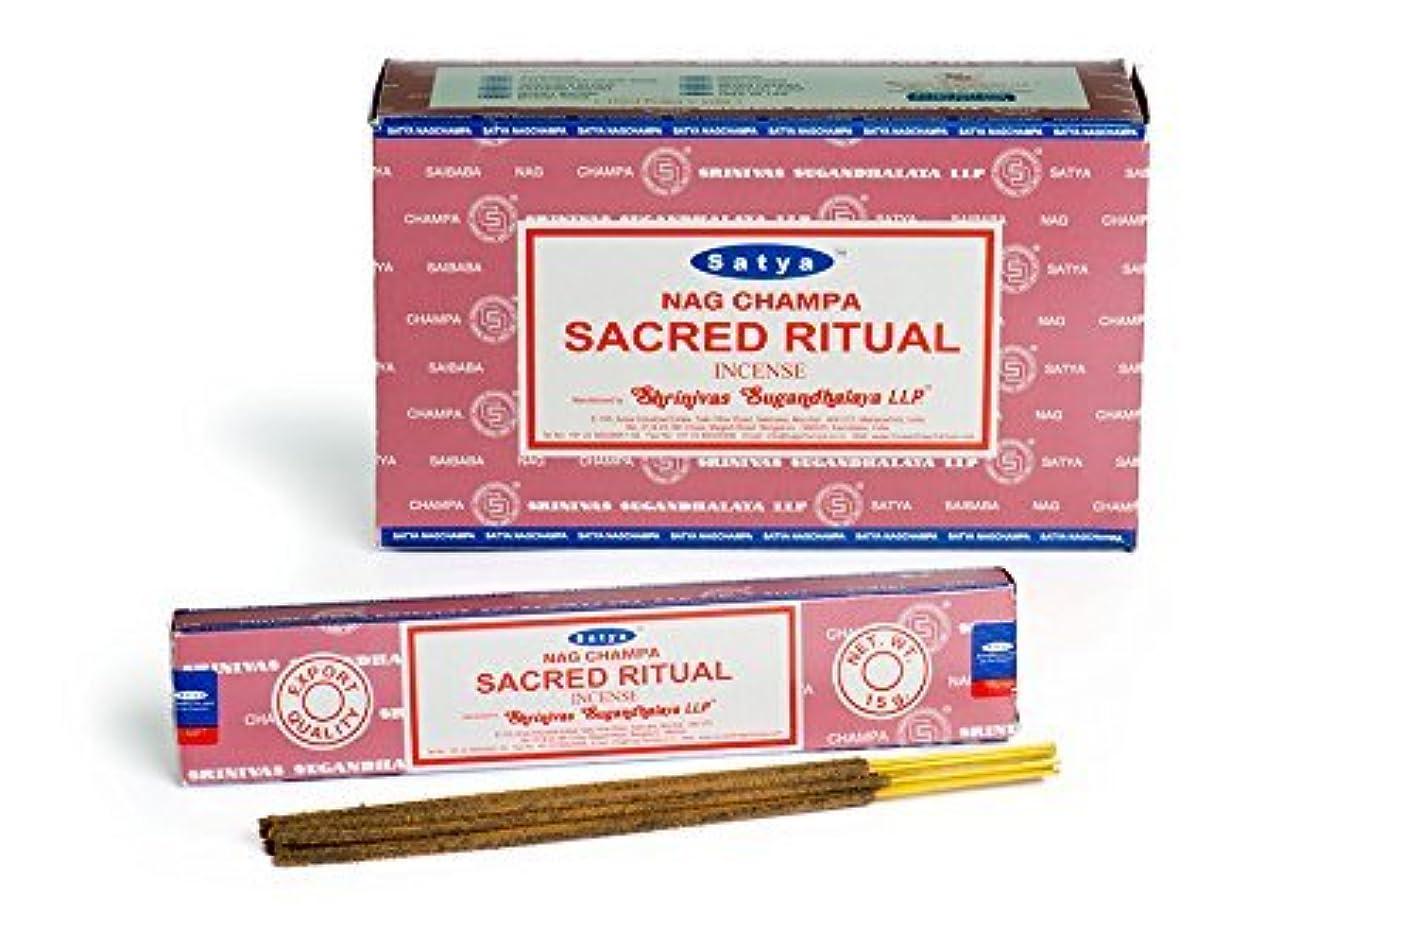 特権ペインギリック空港buycrafty Satya Champa Sacred Ritual Incense Stick、180グラムボックス( 15g X 12ボックス)